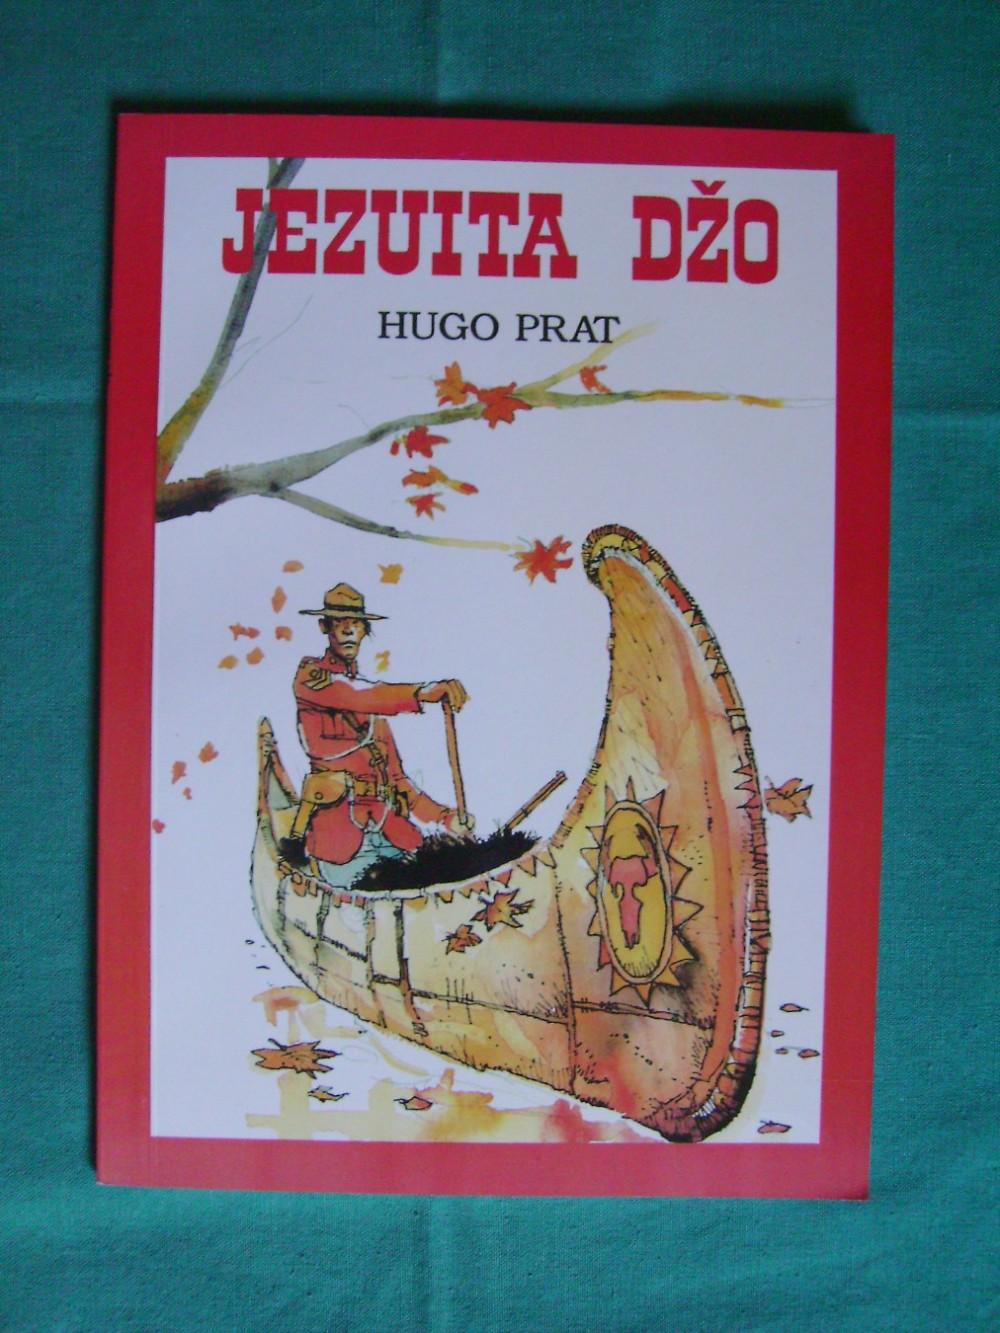 originalslika_hugo-pratt-jezuita-dzo-107940273